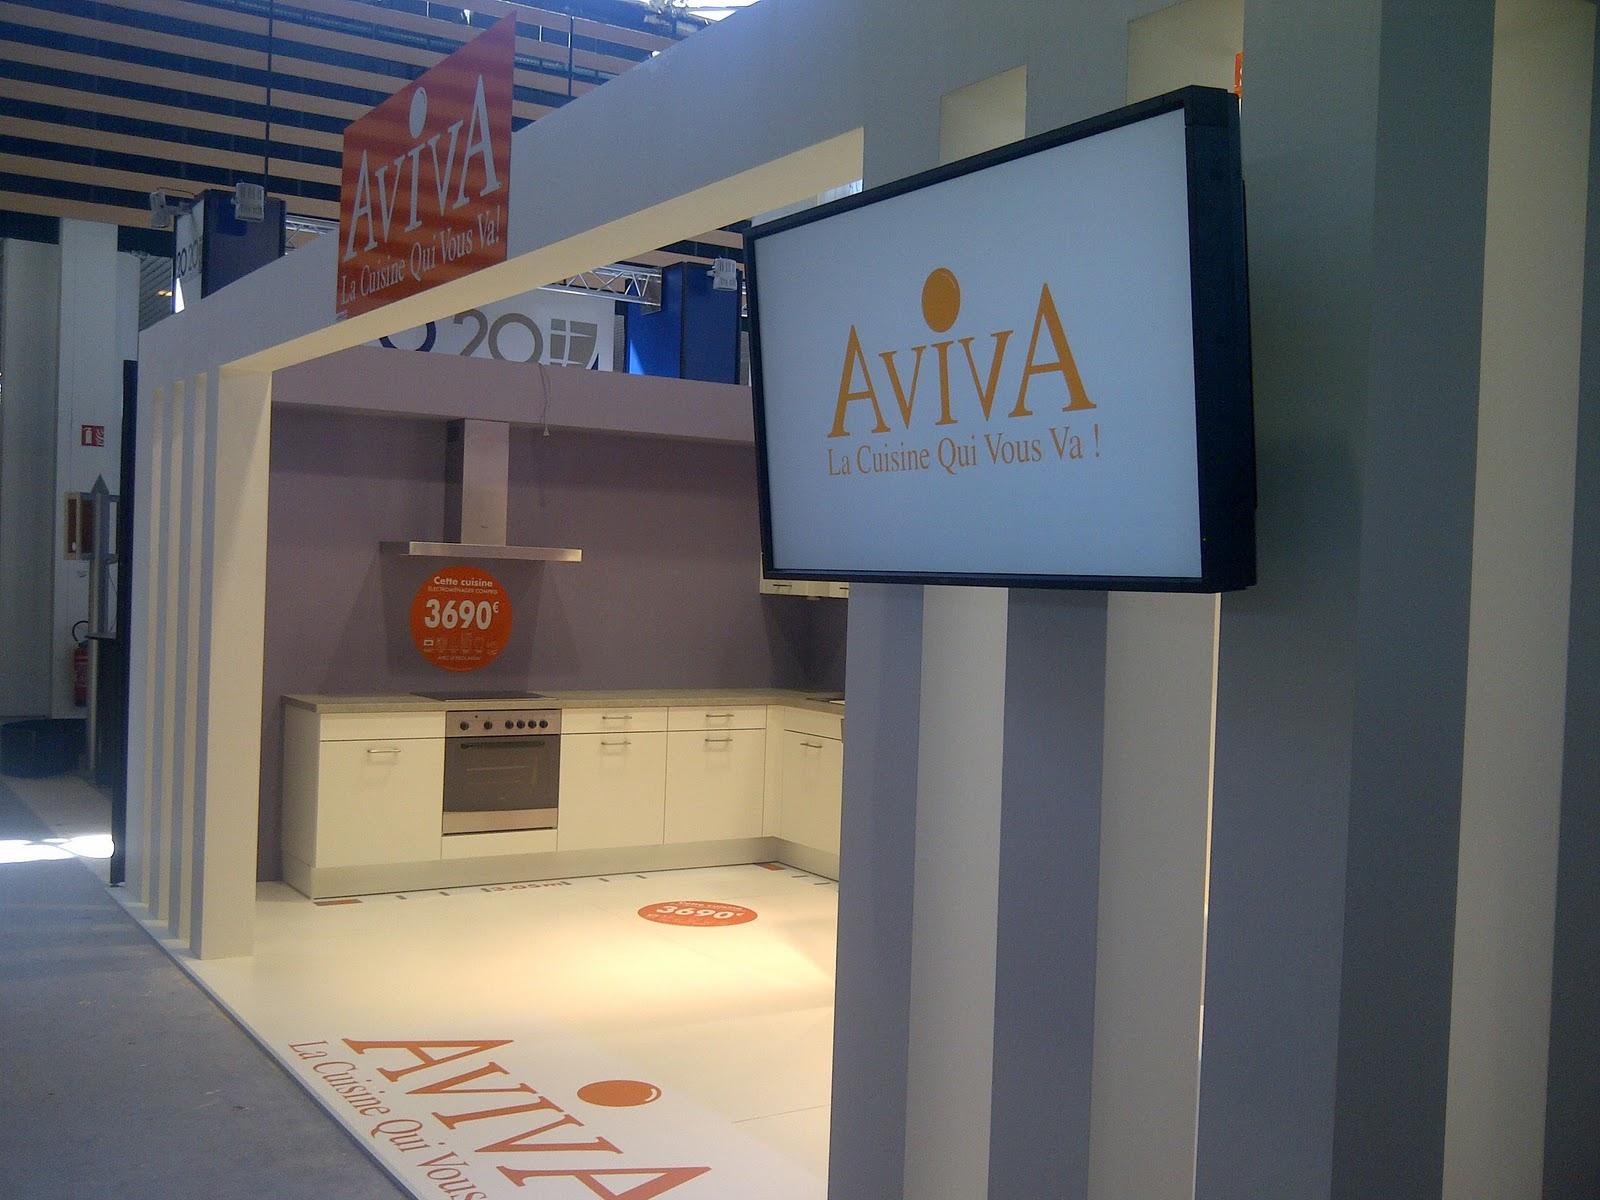 Crown heights crown accompagne aviva cuisines lors du for Aviva cuisine lyon